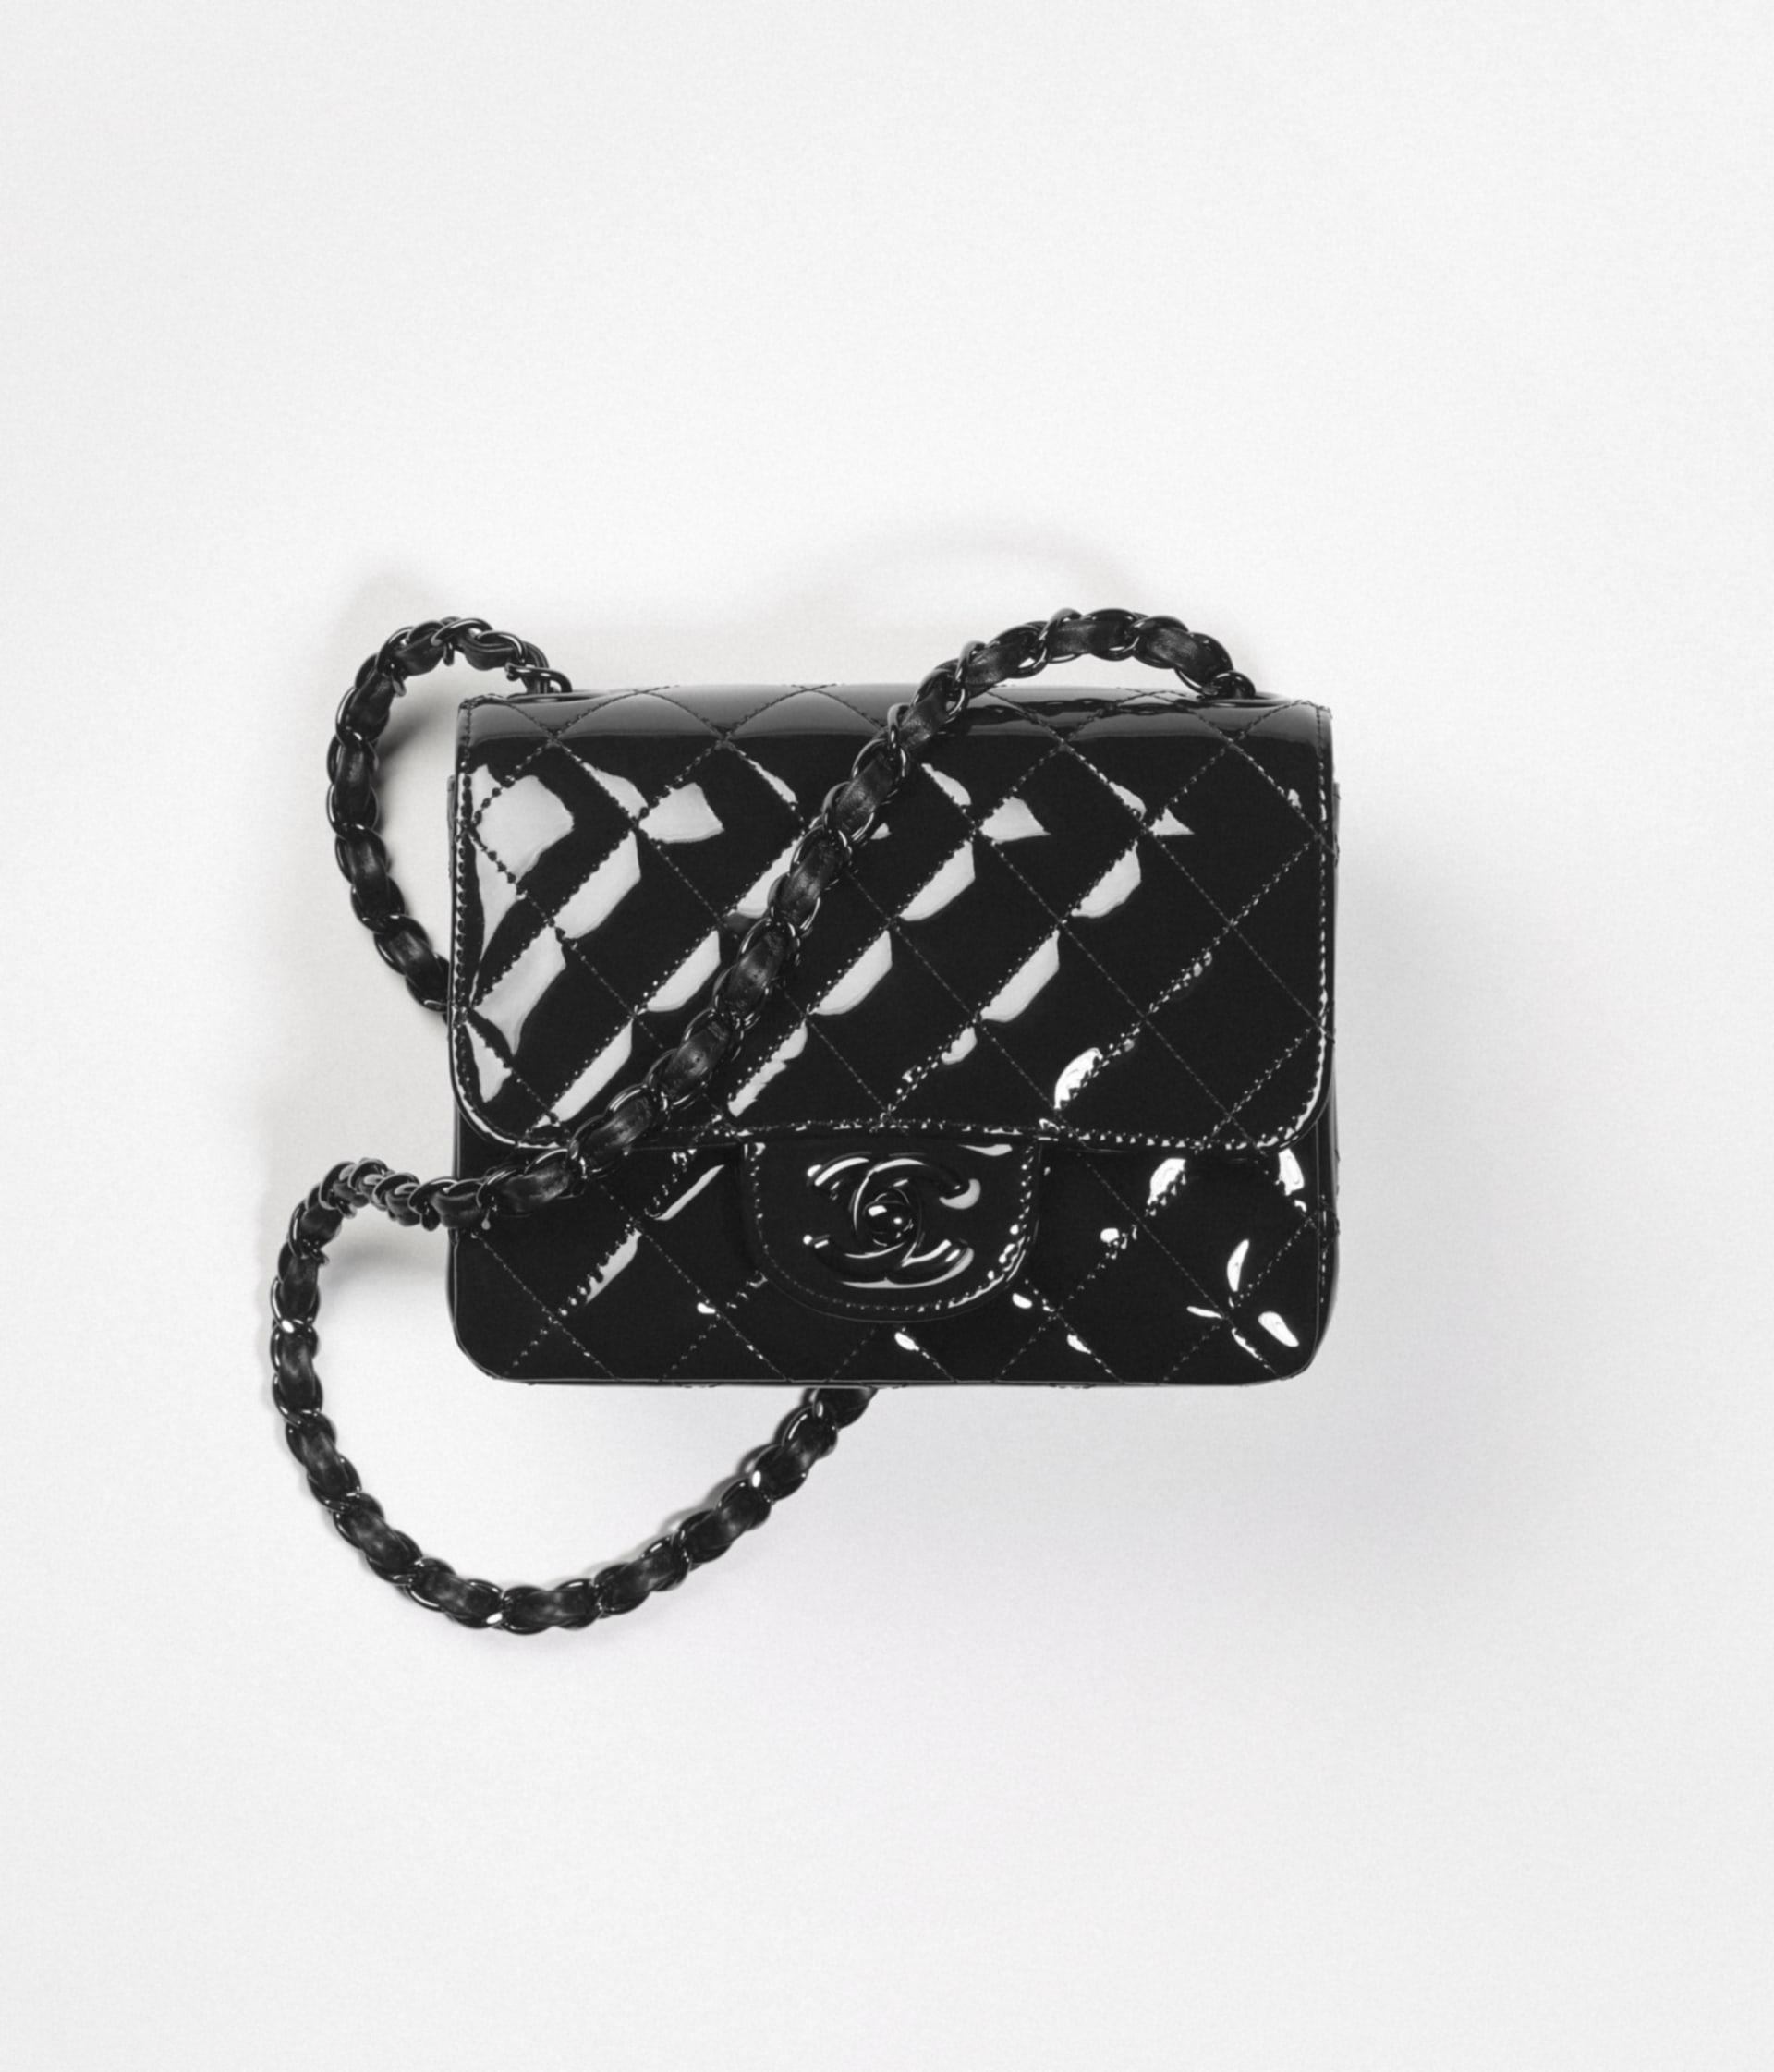 image 1 - Mini Flap Bag - Patent Calfskin & Black Metal - Black